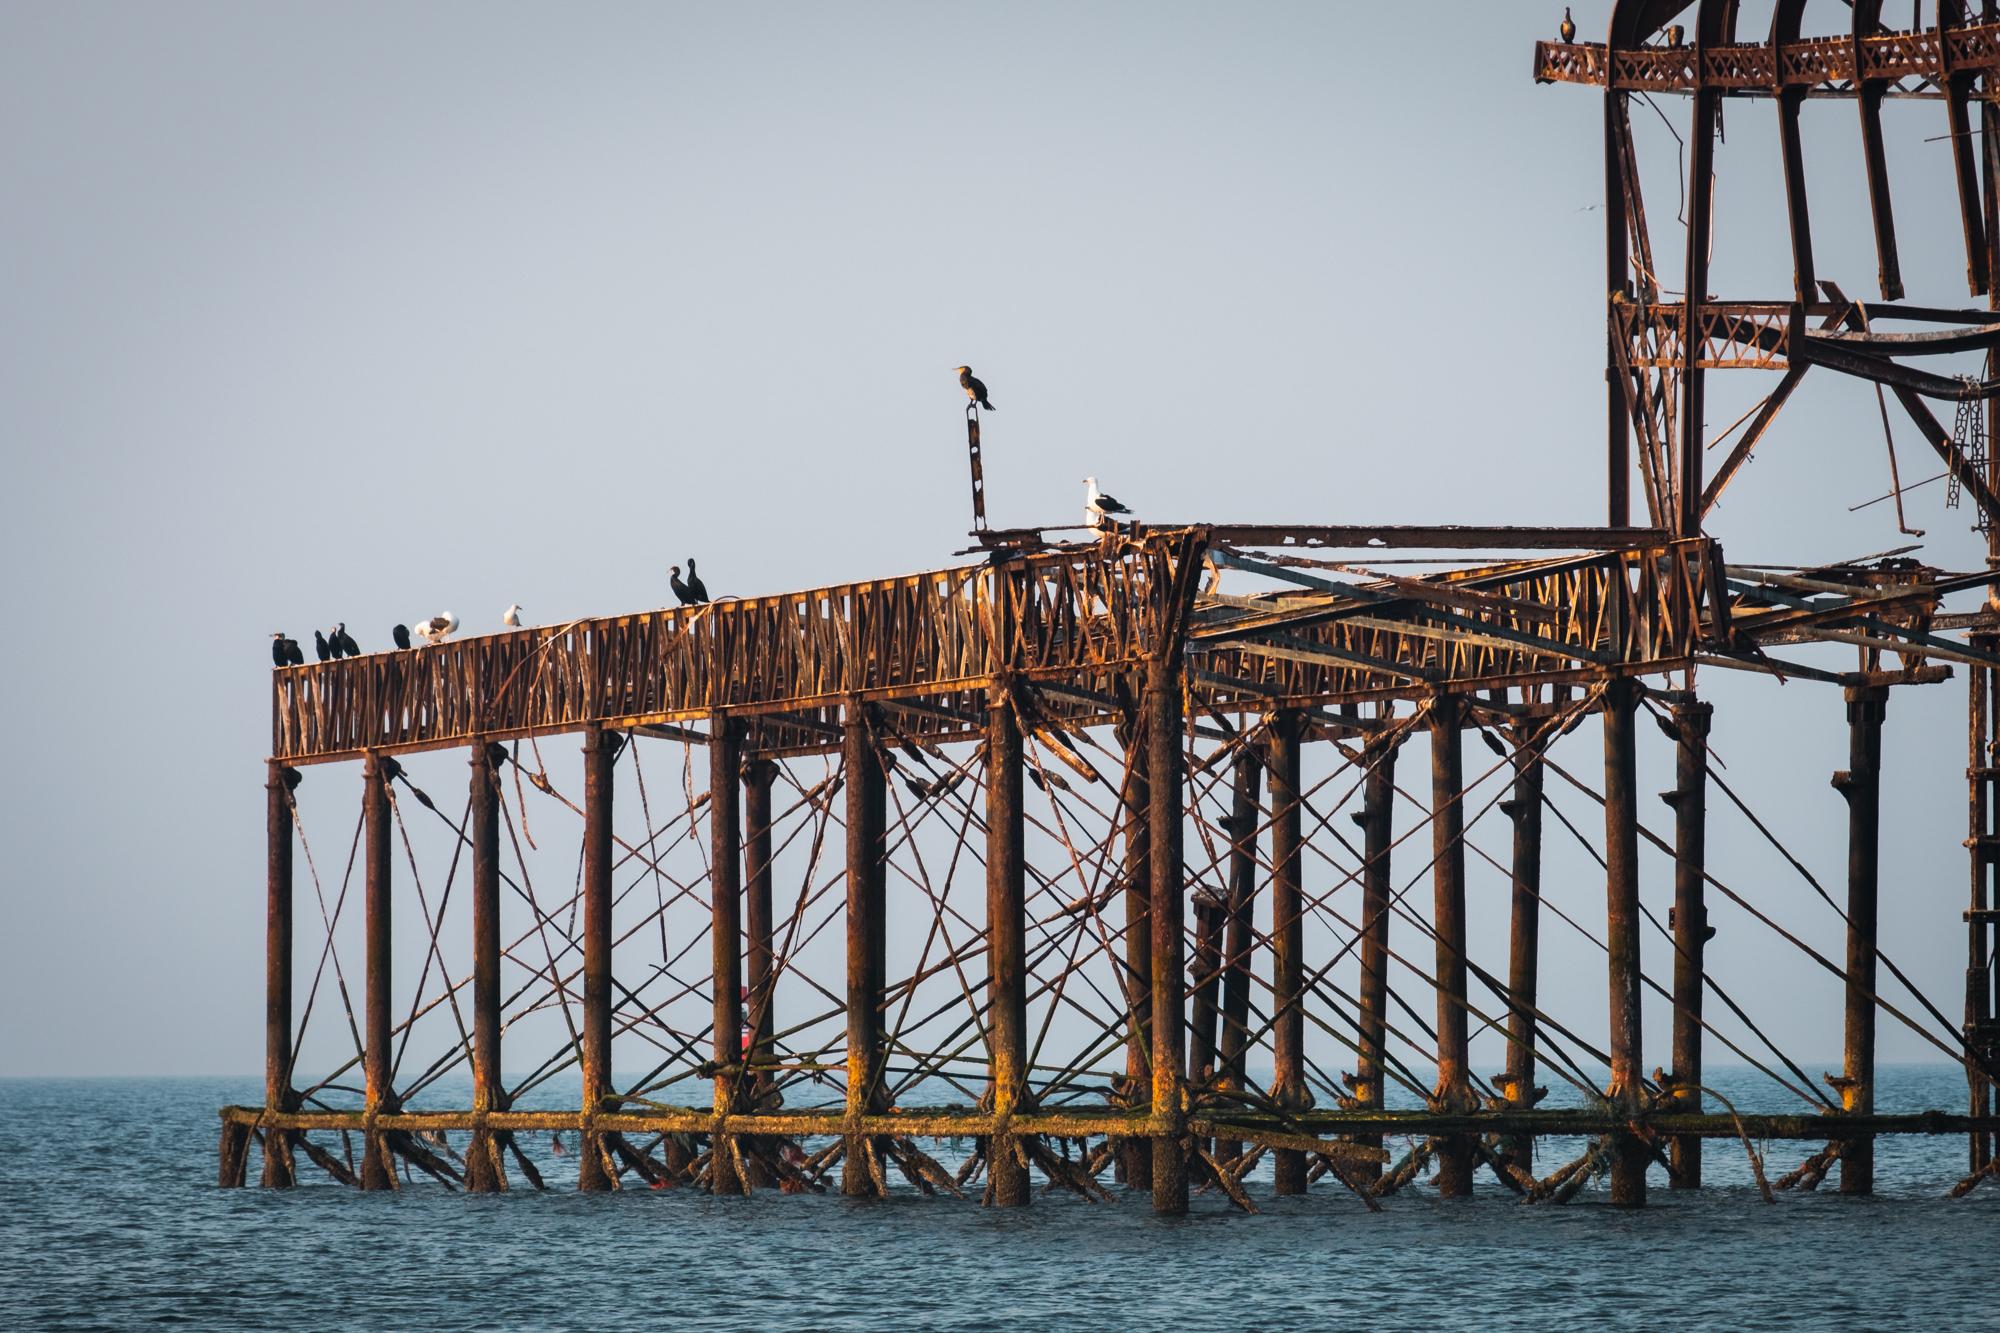 West Pier Structure